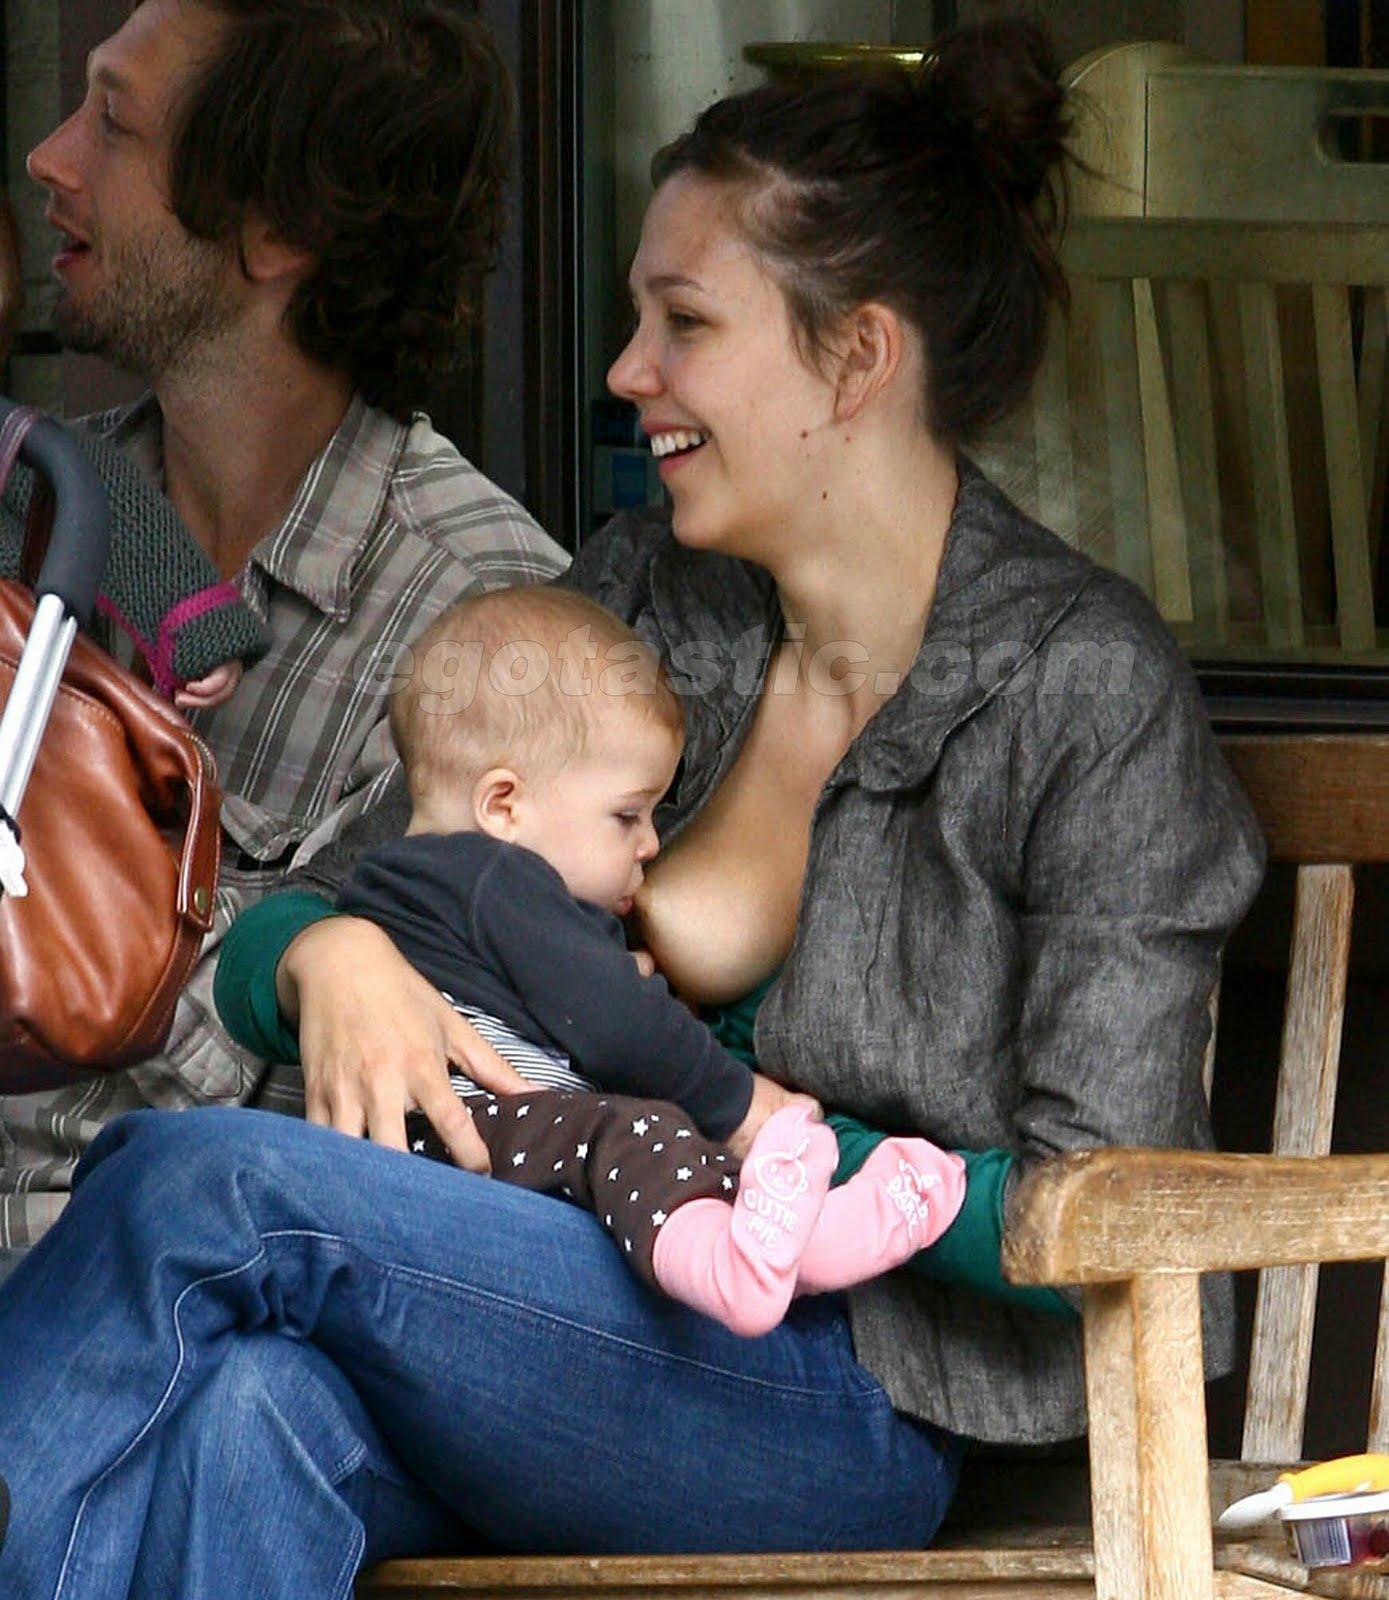 http://4.bp.blogspot.com/_ZGMGKEJZRsU/S9yXynmbRkI/AAAAAAAAAy4/kJwml7RInY0/s1600/maggie-gyllenhaal-breast-feeding-01.jpg